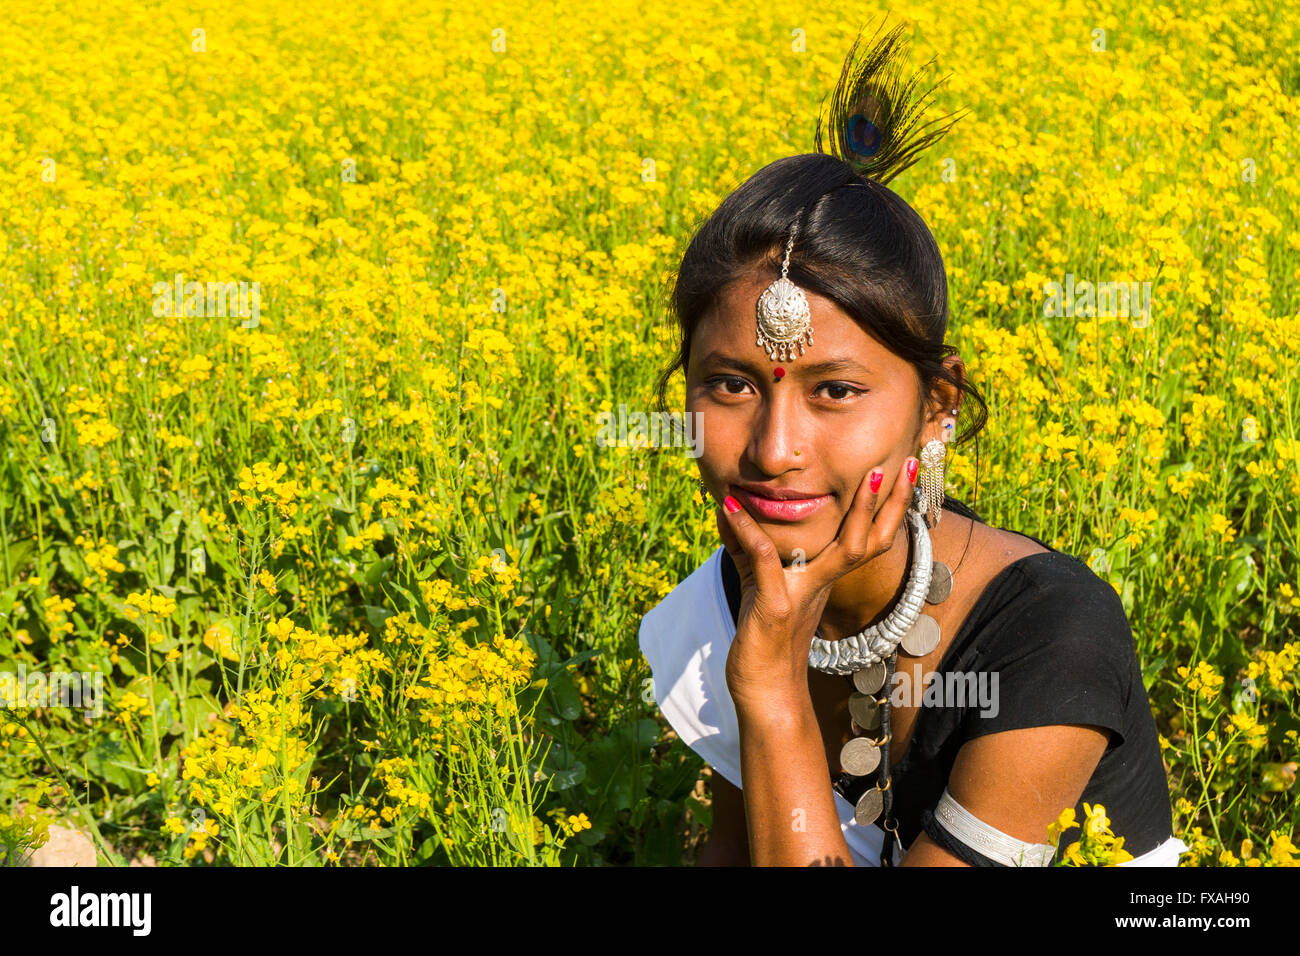 Porträt von eine junge Frau aus der Tharu-Stamm, sitzen in einem gelben Senf Feld, Sauraha, Chitwan, Nepal Stockbild